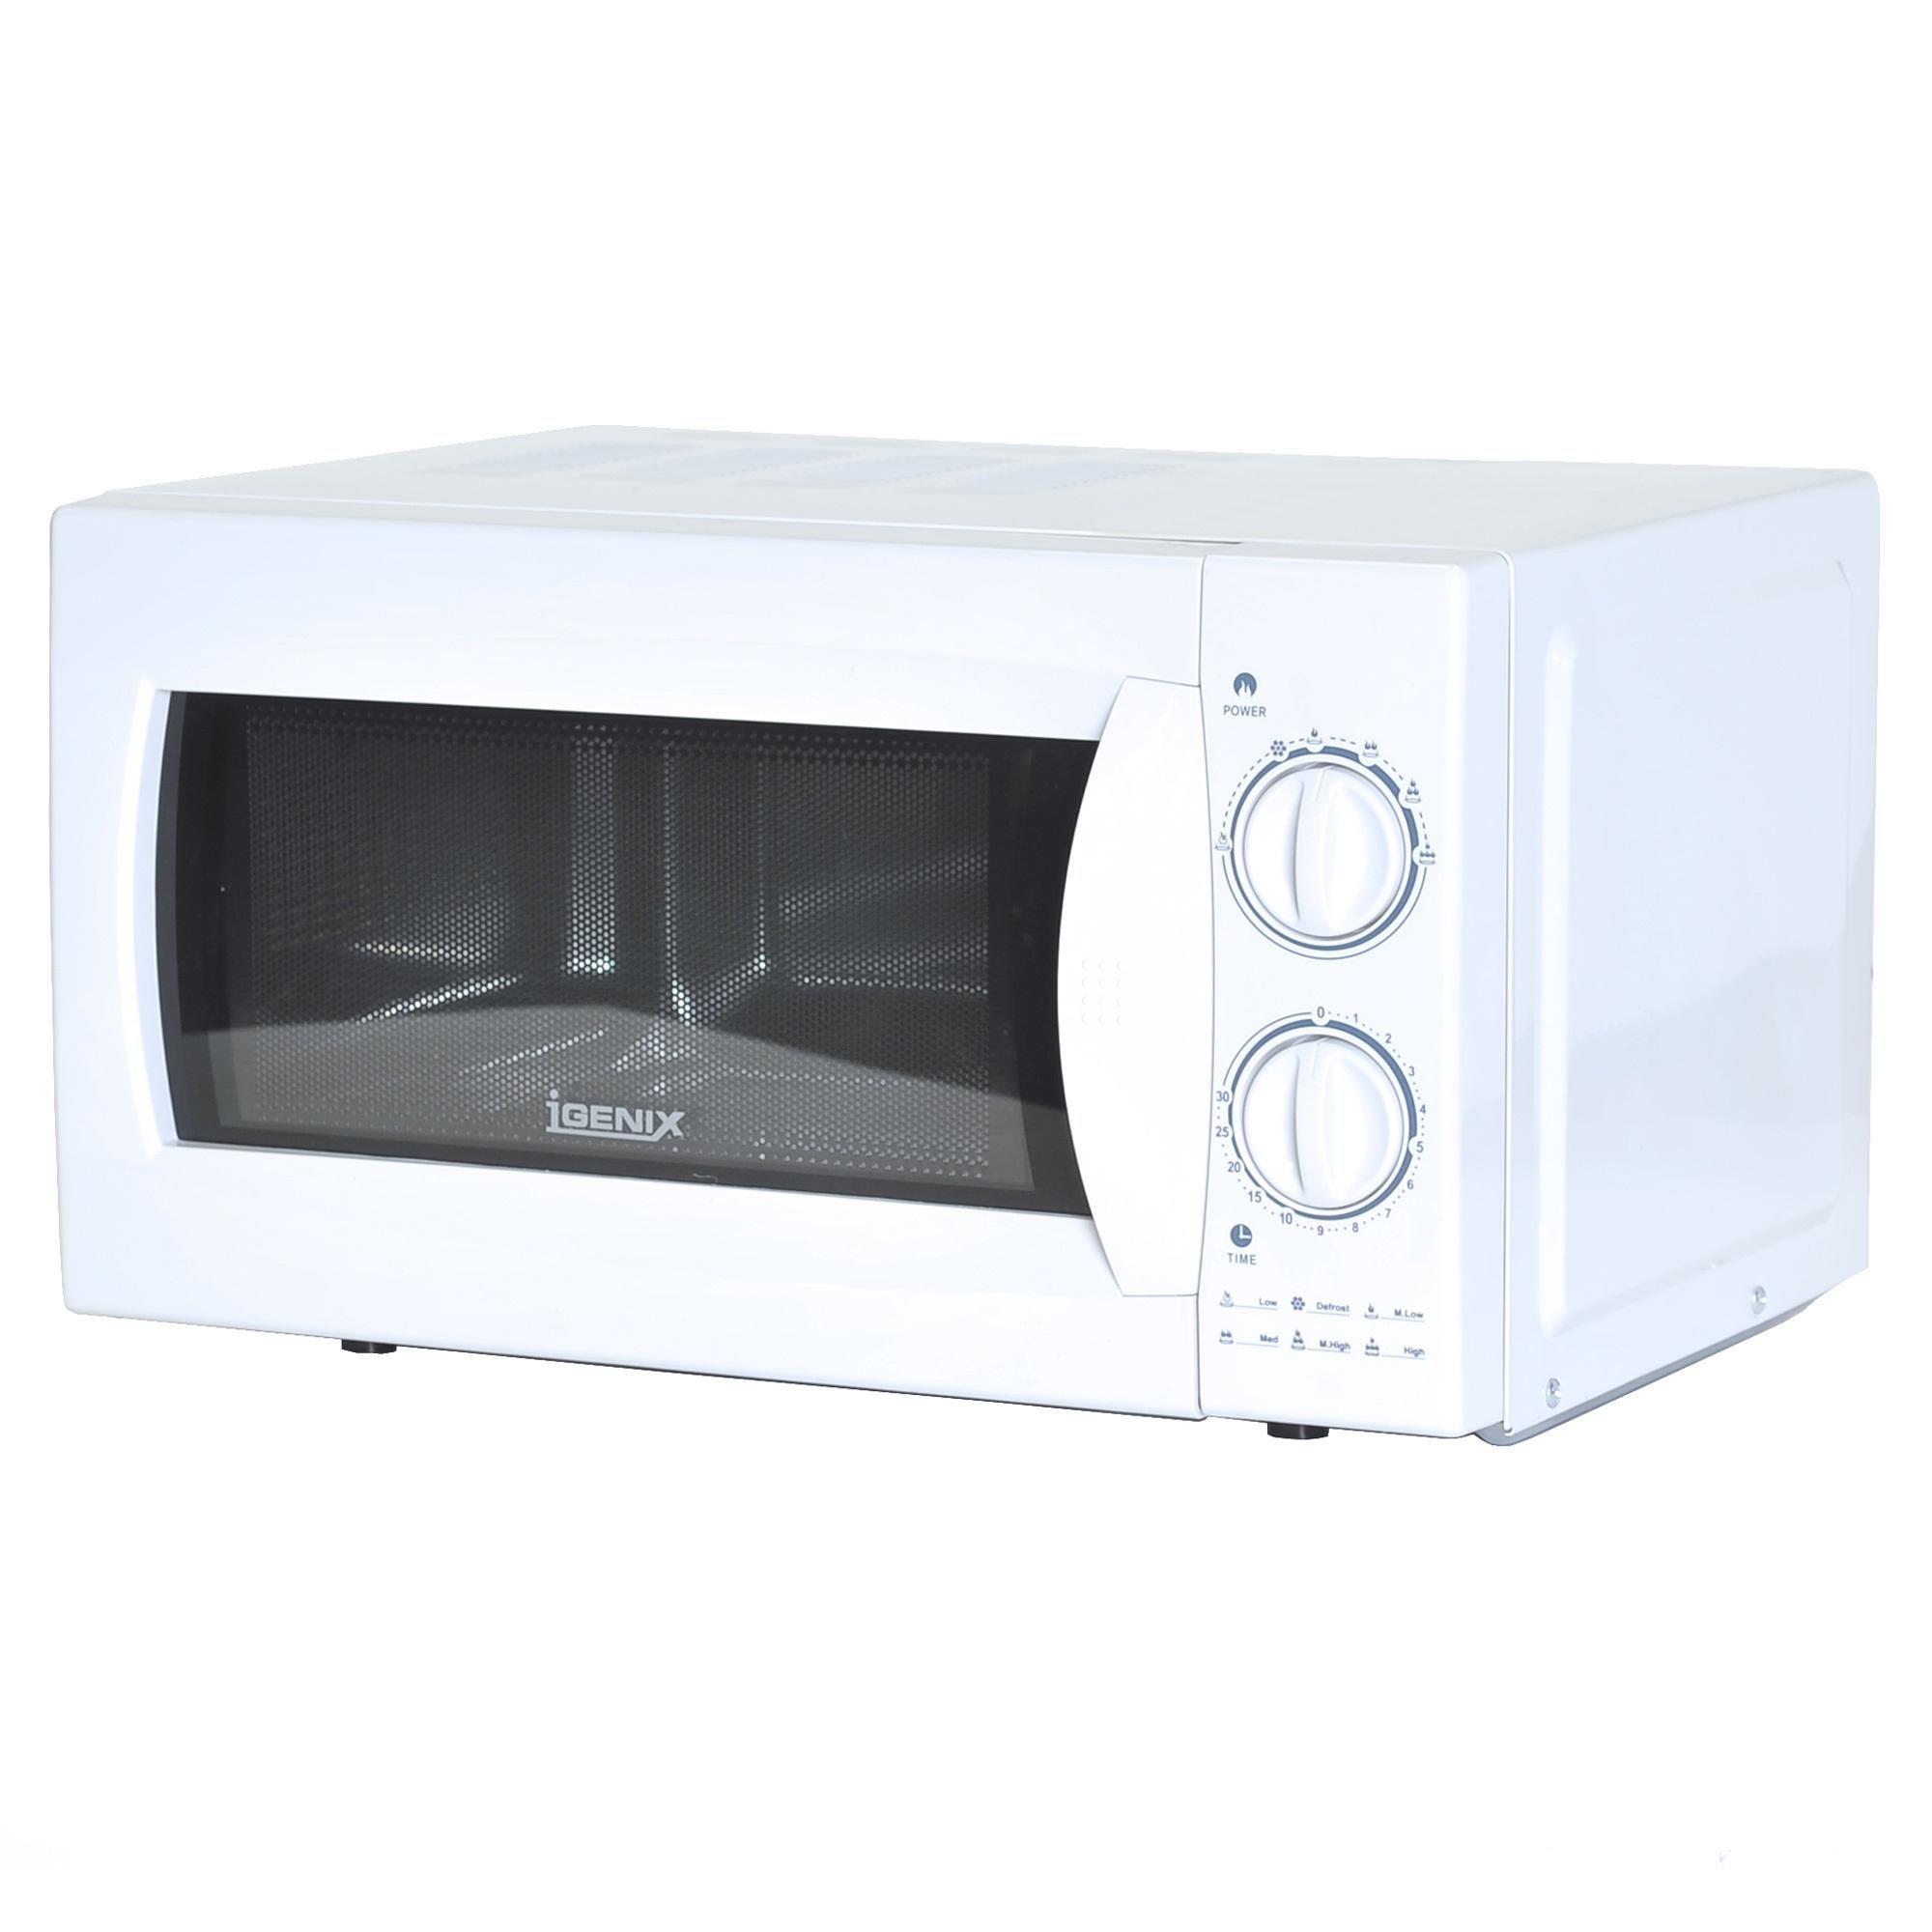 igenix ig2980 manual microwave with